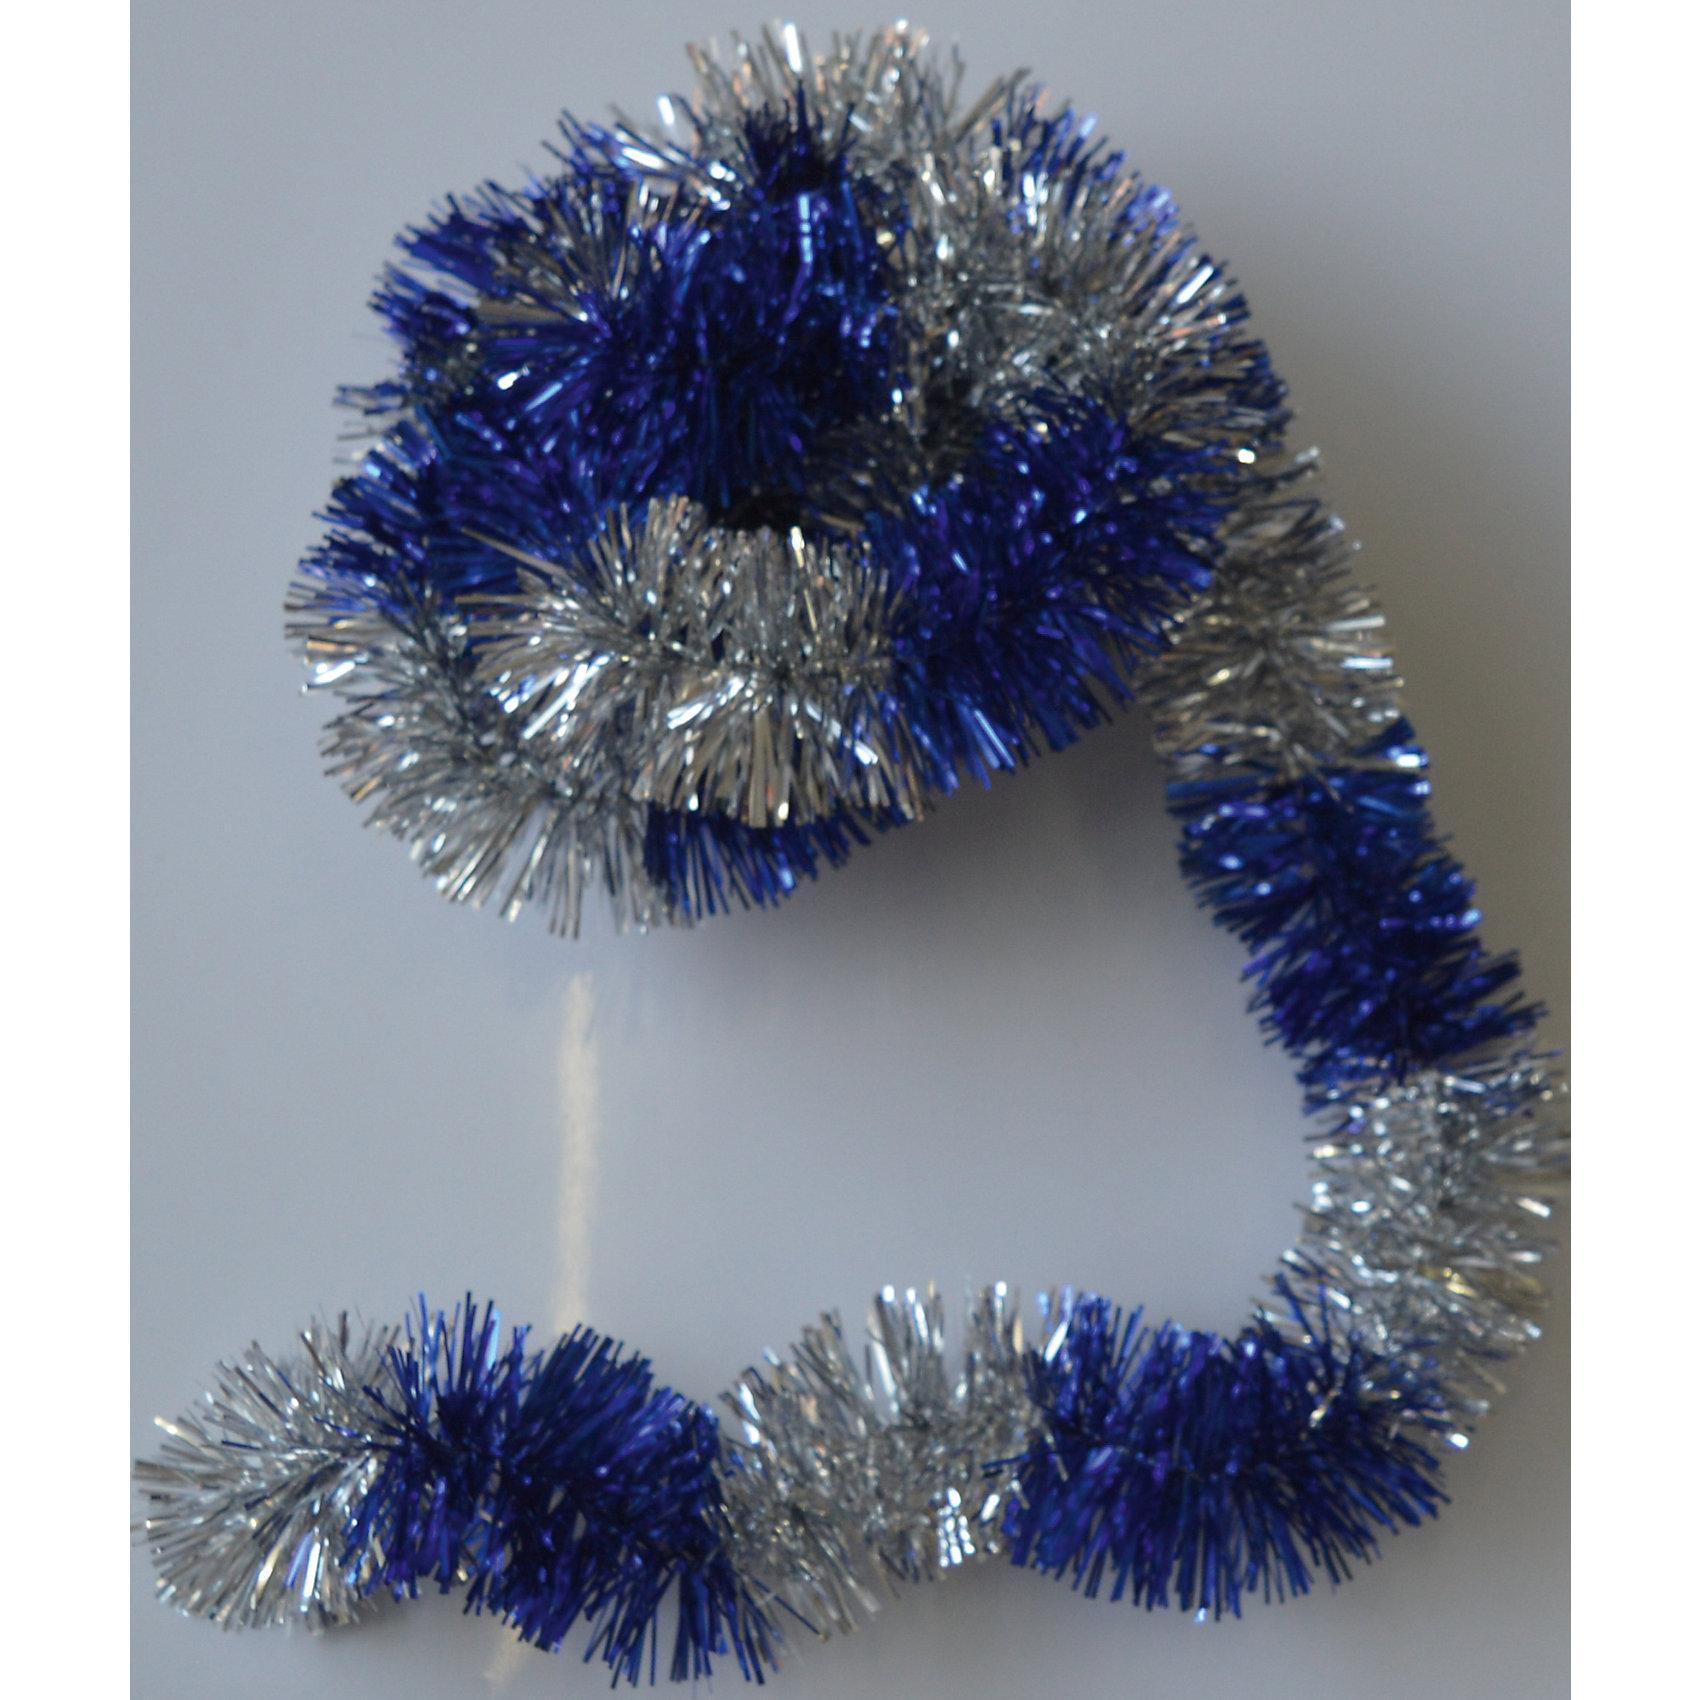 Новогодняя мишура, синий с серебром 5х200Мишура новогодняя синий с серебром 5х200 арт.16496 Мишура идеально подойдет для оформления Вашего новогоднего праздника.<br>Из Мишуры очень просто воплотить Ваши дизайнерские идеи в  жизнь, благодаря тонкой проволке внутри, мишура легко принимает ту форму, которую Вам необходимо. Удачи в Ваших Новогодних задумках!<br><br>Ширина мм: 2000<br>Глубина мм: 50<br>Высота мм: 50<br>Вес г: 50<br>Возраст от месяцев: 72<br>Возраст до месяцев: 480<br>Пол: Унисекс<br>Возраст: Детский<br>SKU: 5051662